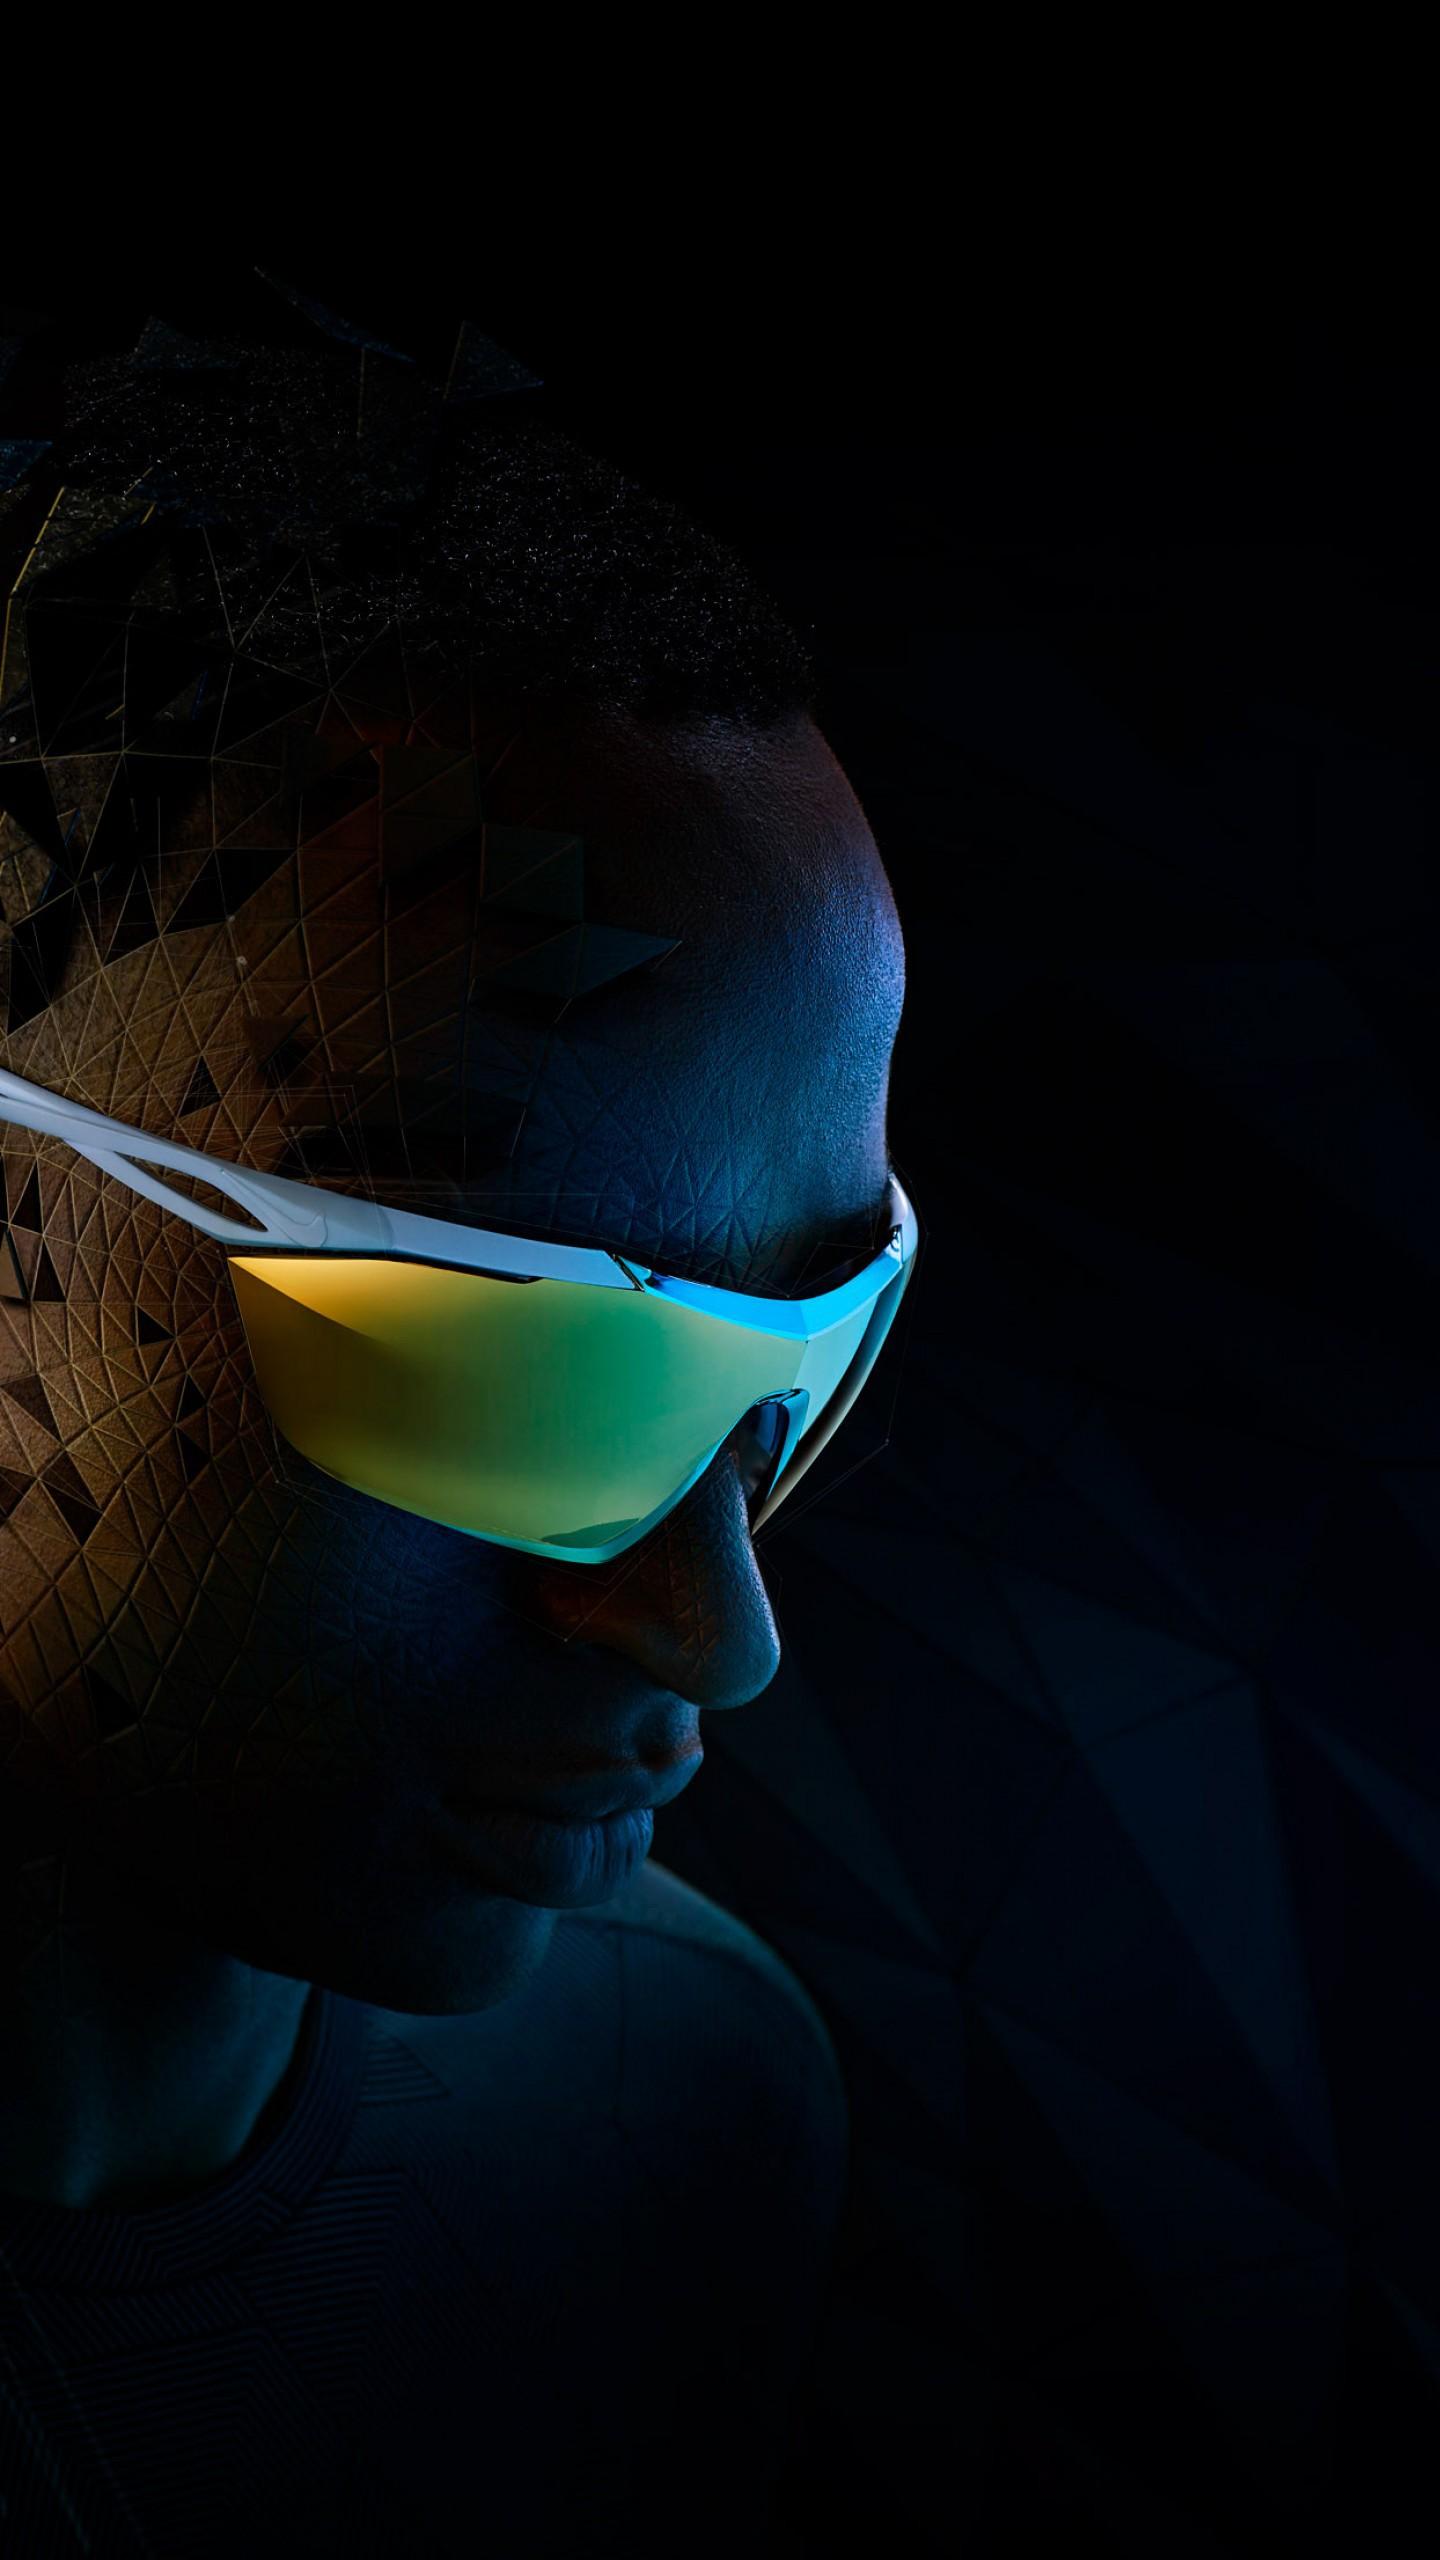 عکس زمینه تکنولوژی عینک جدید نایک ویژن پس زمینه